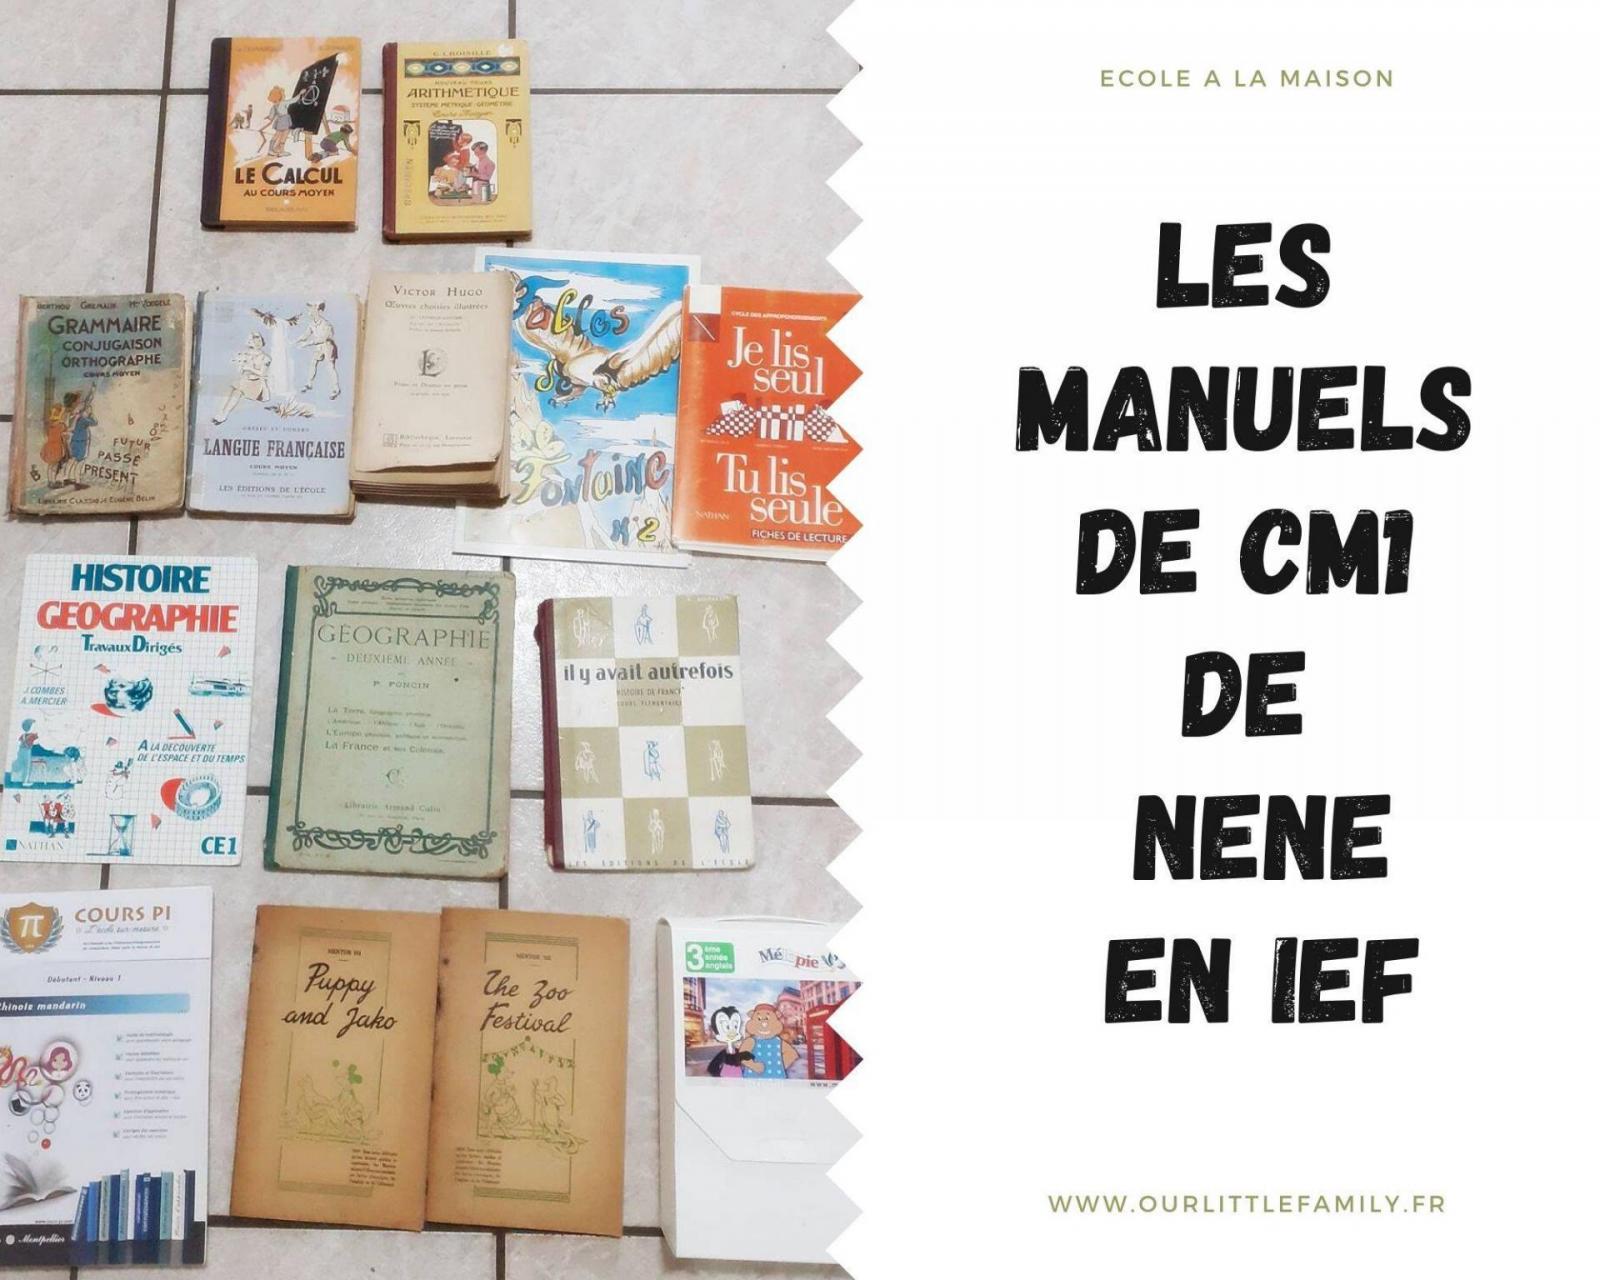 Les manuels de cm1 cm2 de nene en ief